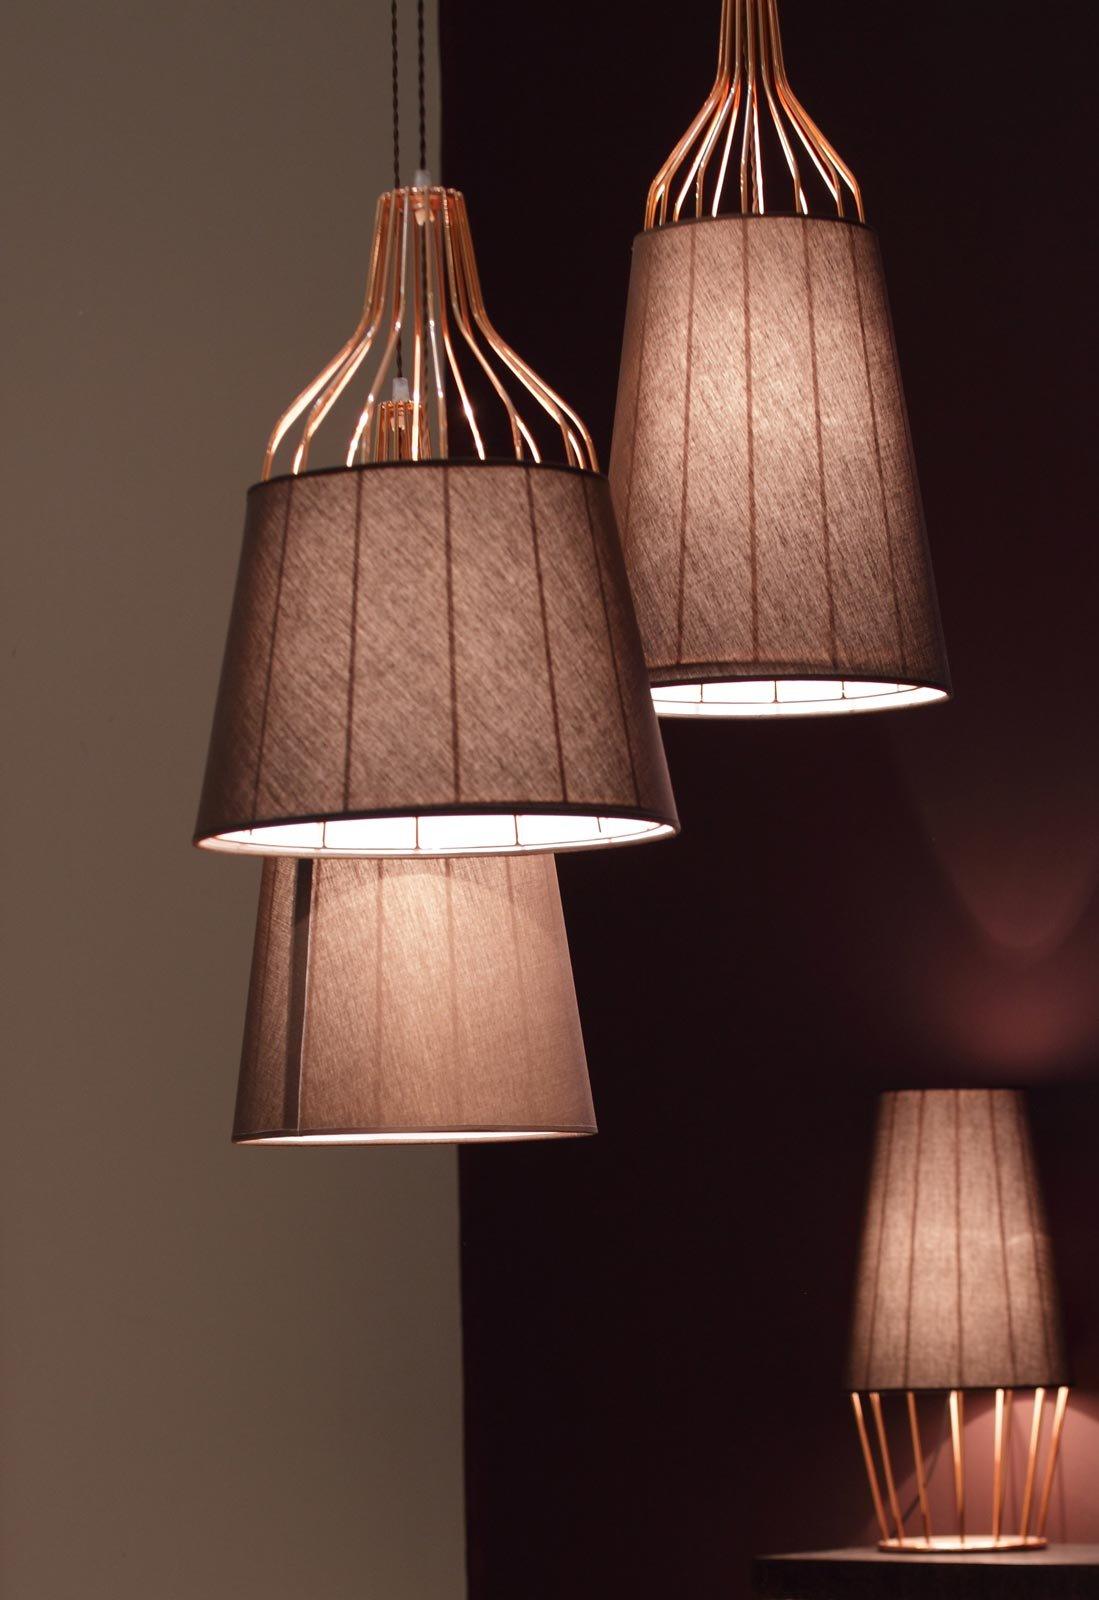 Creare Un Lampadario Di Stoffa lampadari: uno stile per ogni ambiente - cose di casa